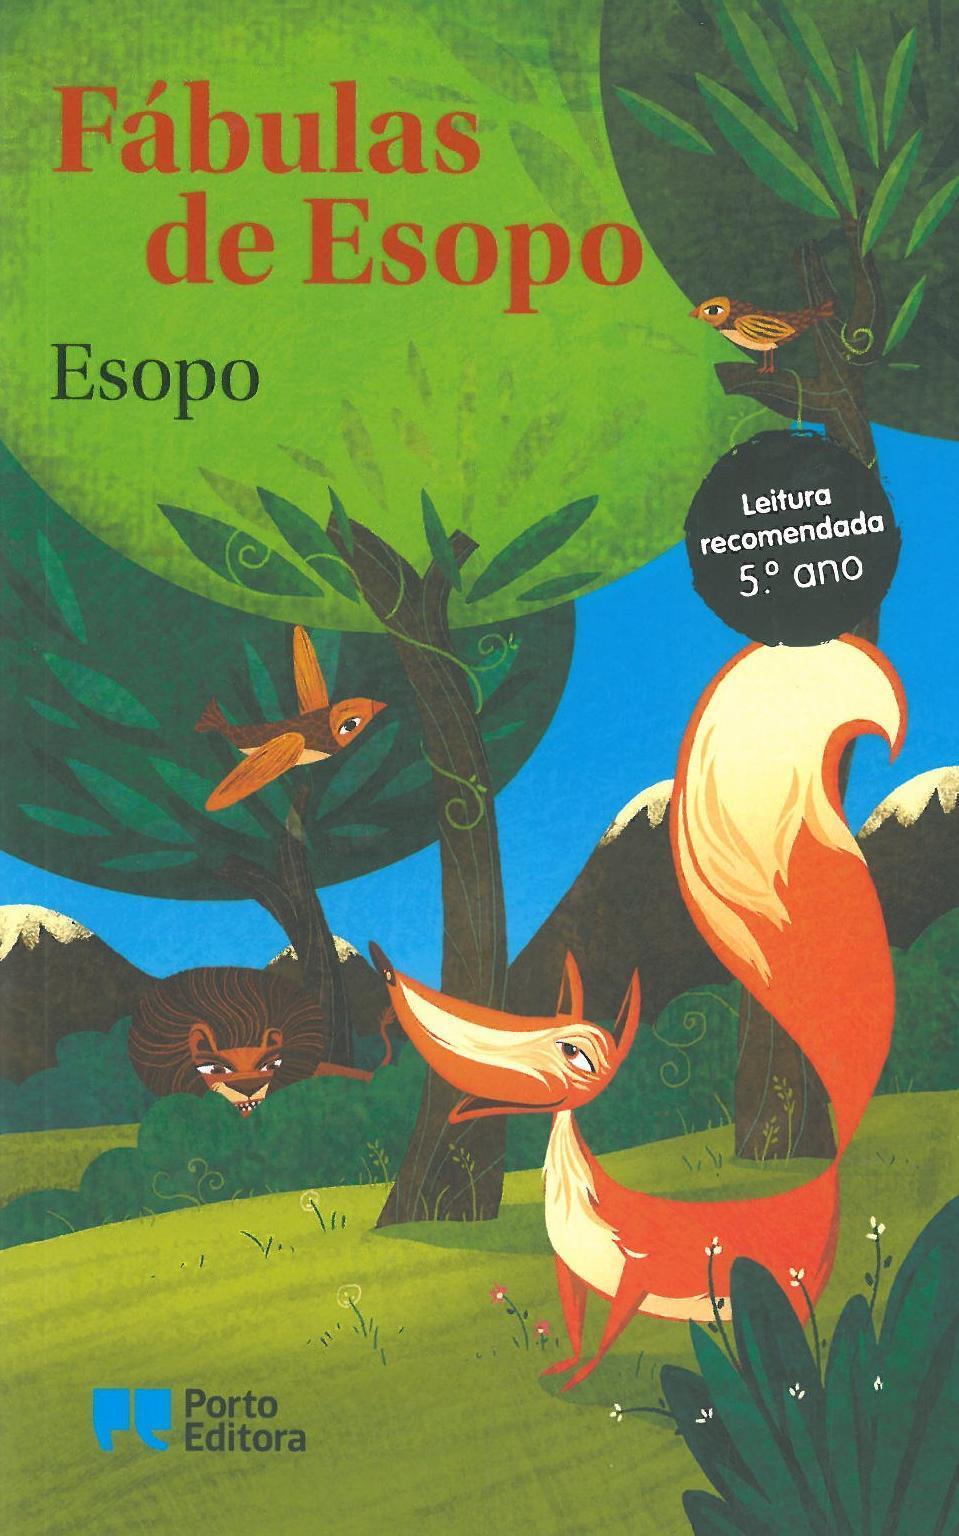 Fábulas de Esopo_.jpg